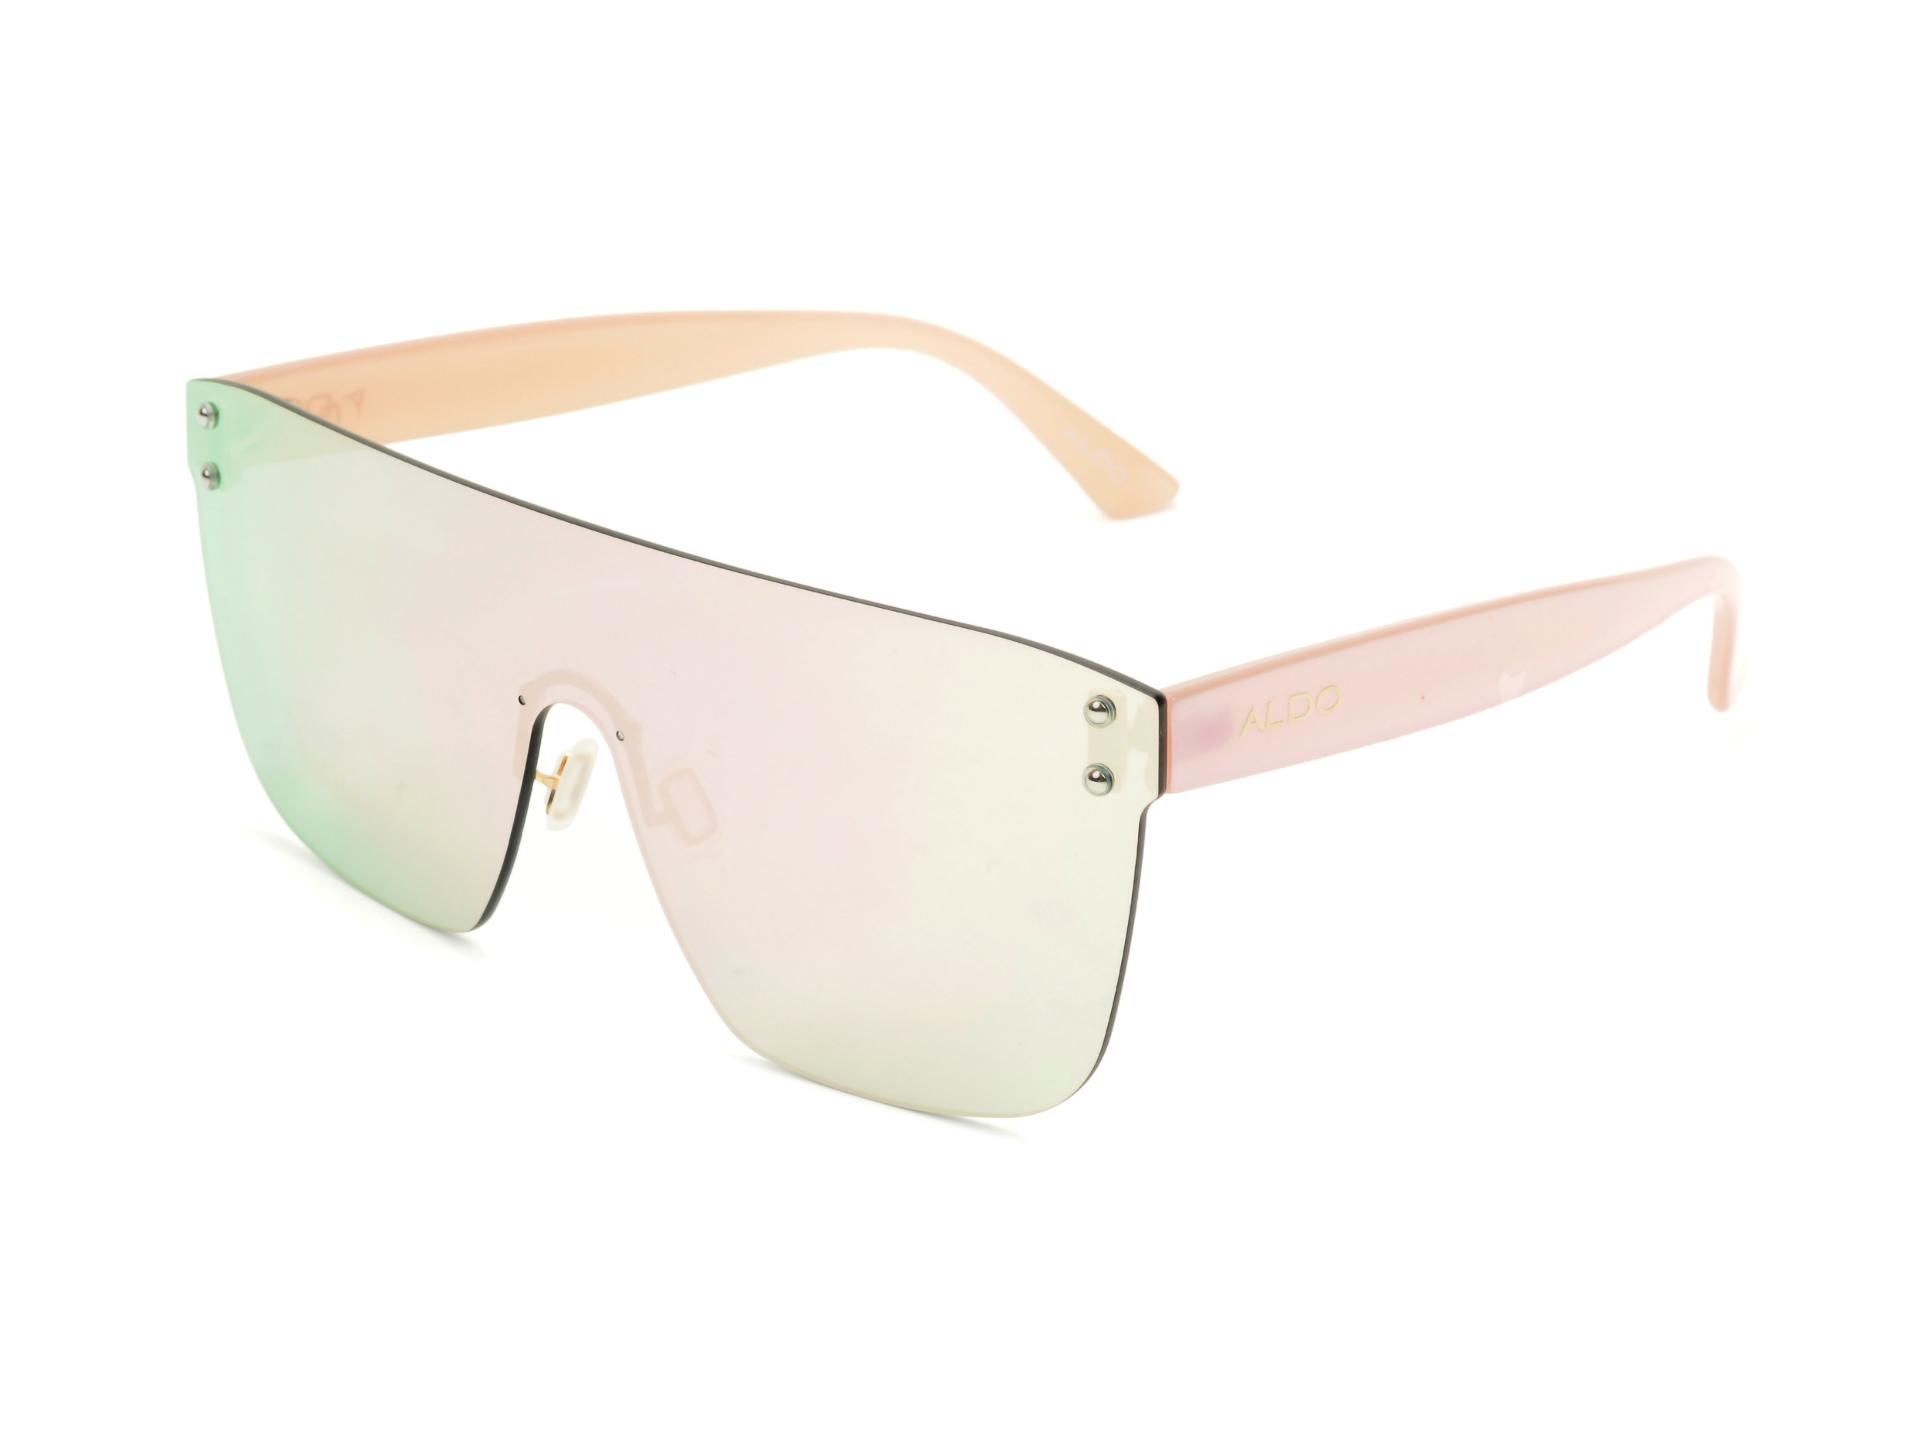 Ochelari de soare ALDO roz, Kronvalda680, din PVC imagine